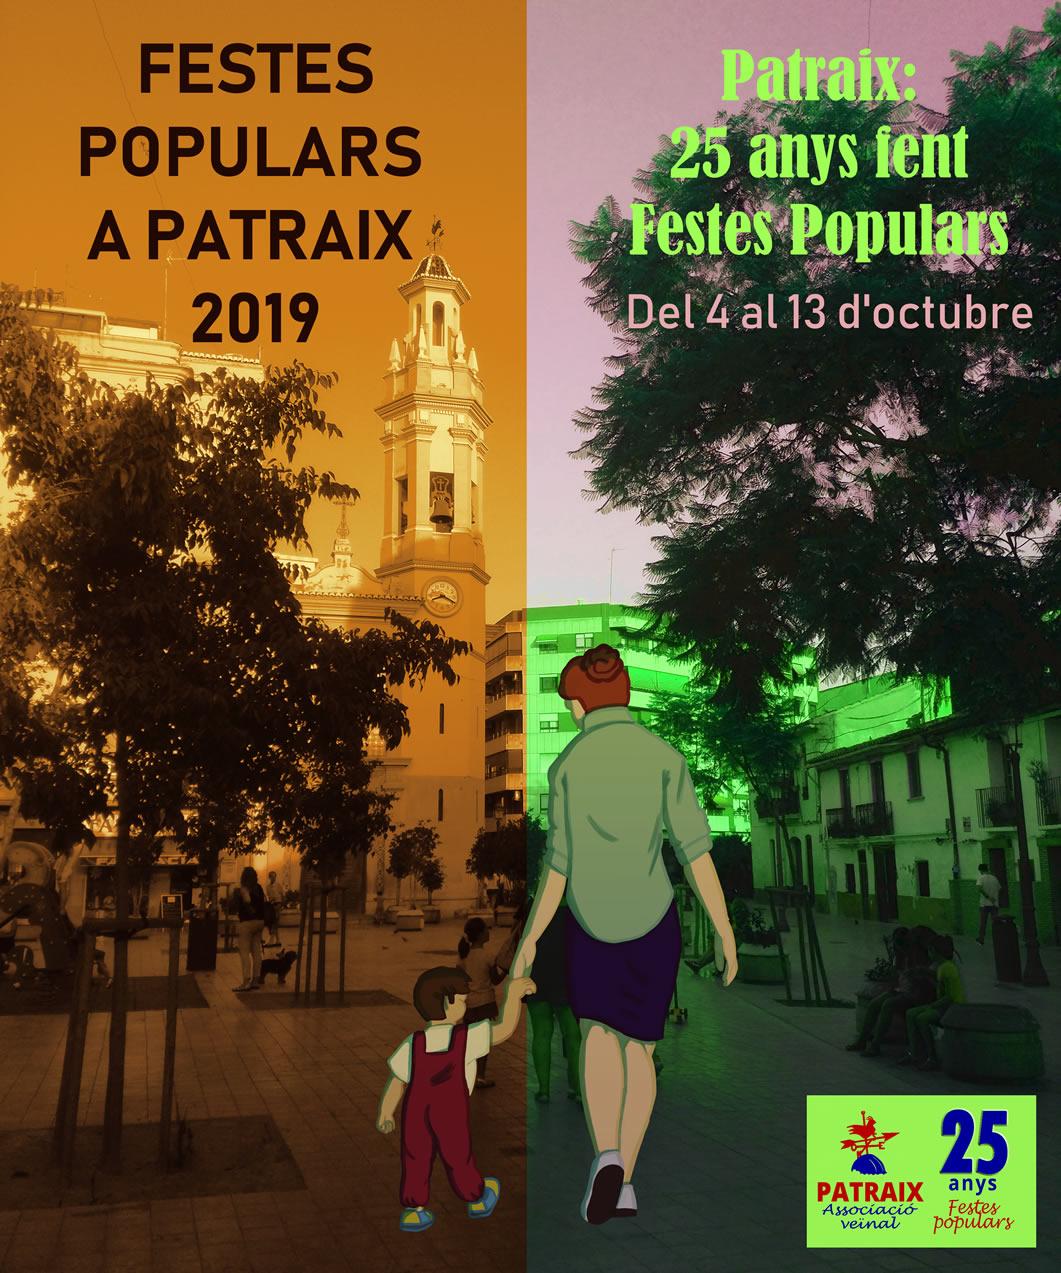 Les Festes Populars de Patraix conclouen el diumenge amb noves activitats participatives